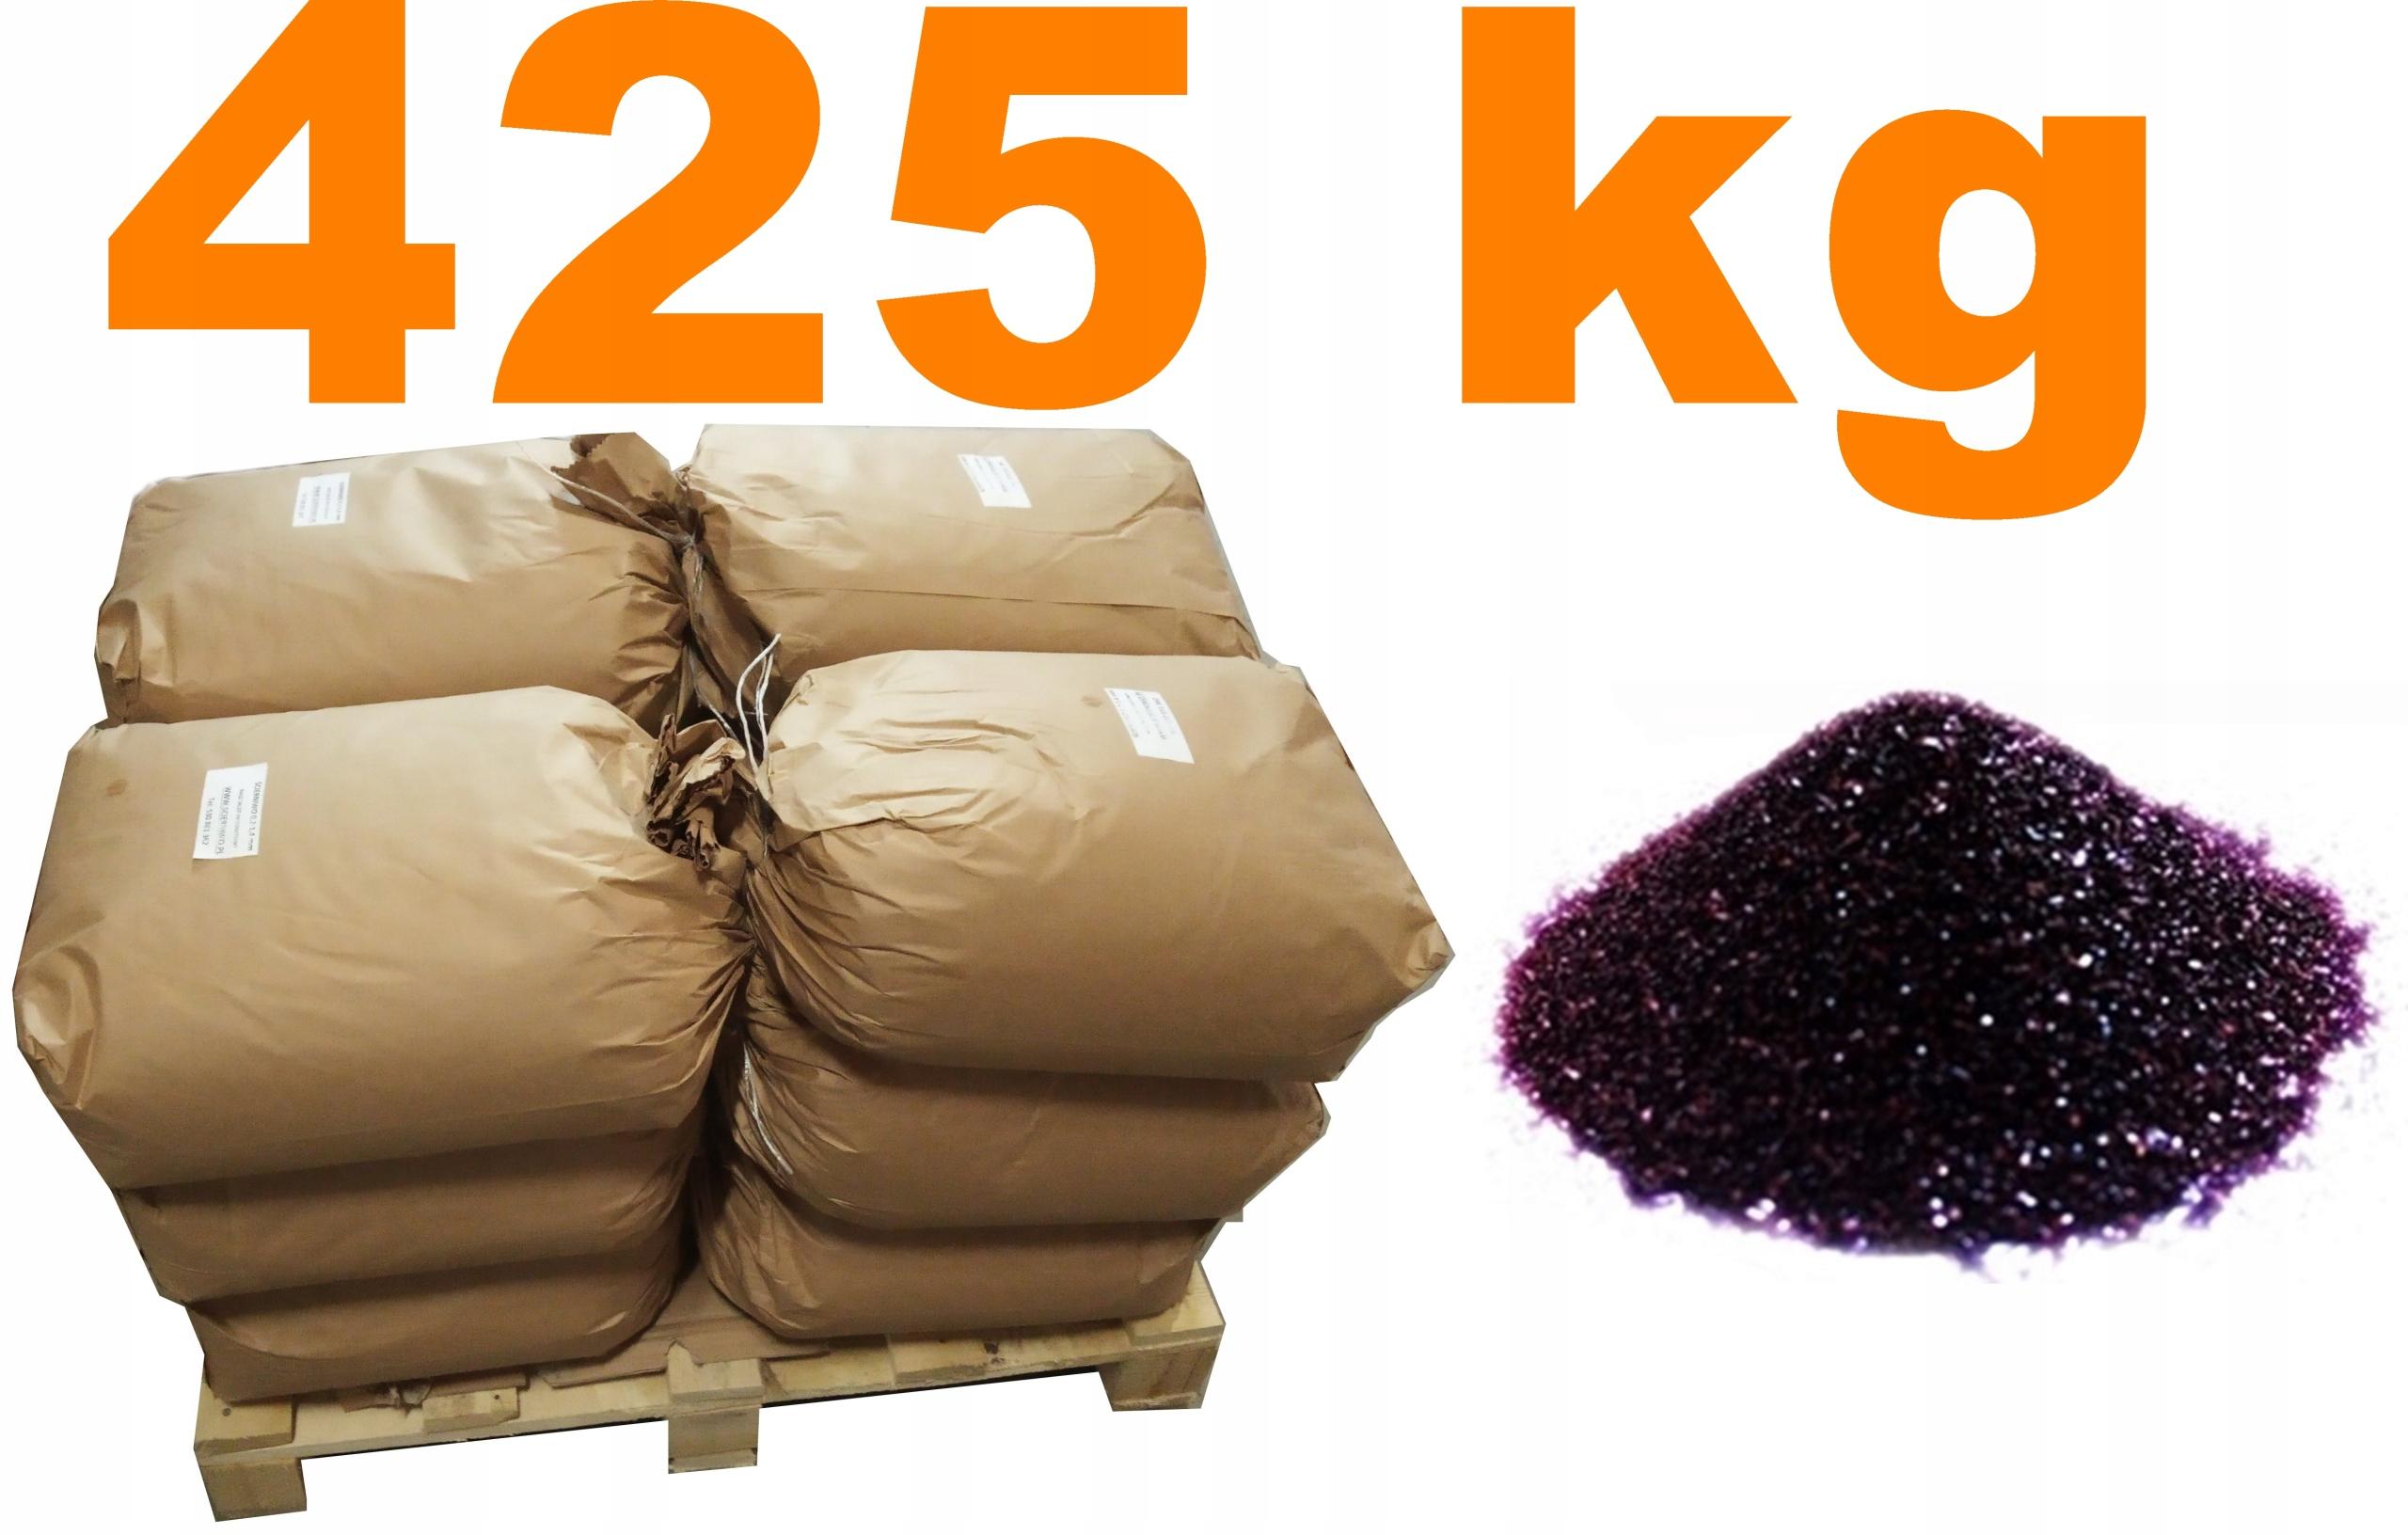 ŚCIERNIWO DO PIASKARKI KORUND PIASEK 400 kg 7500088451 - Allegro.pl